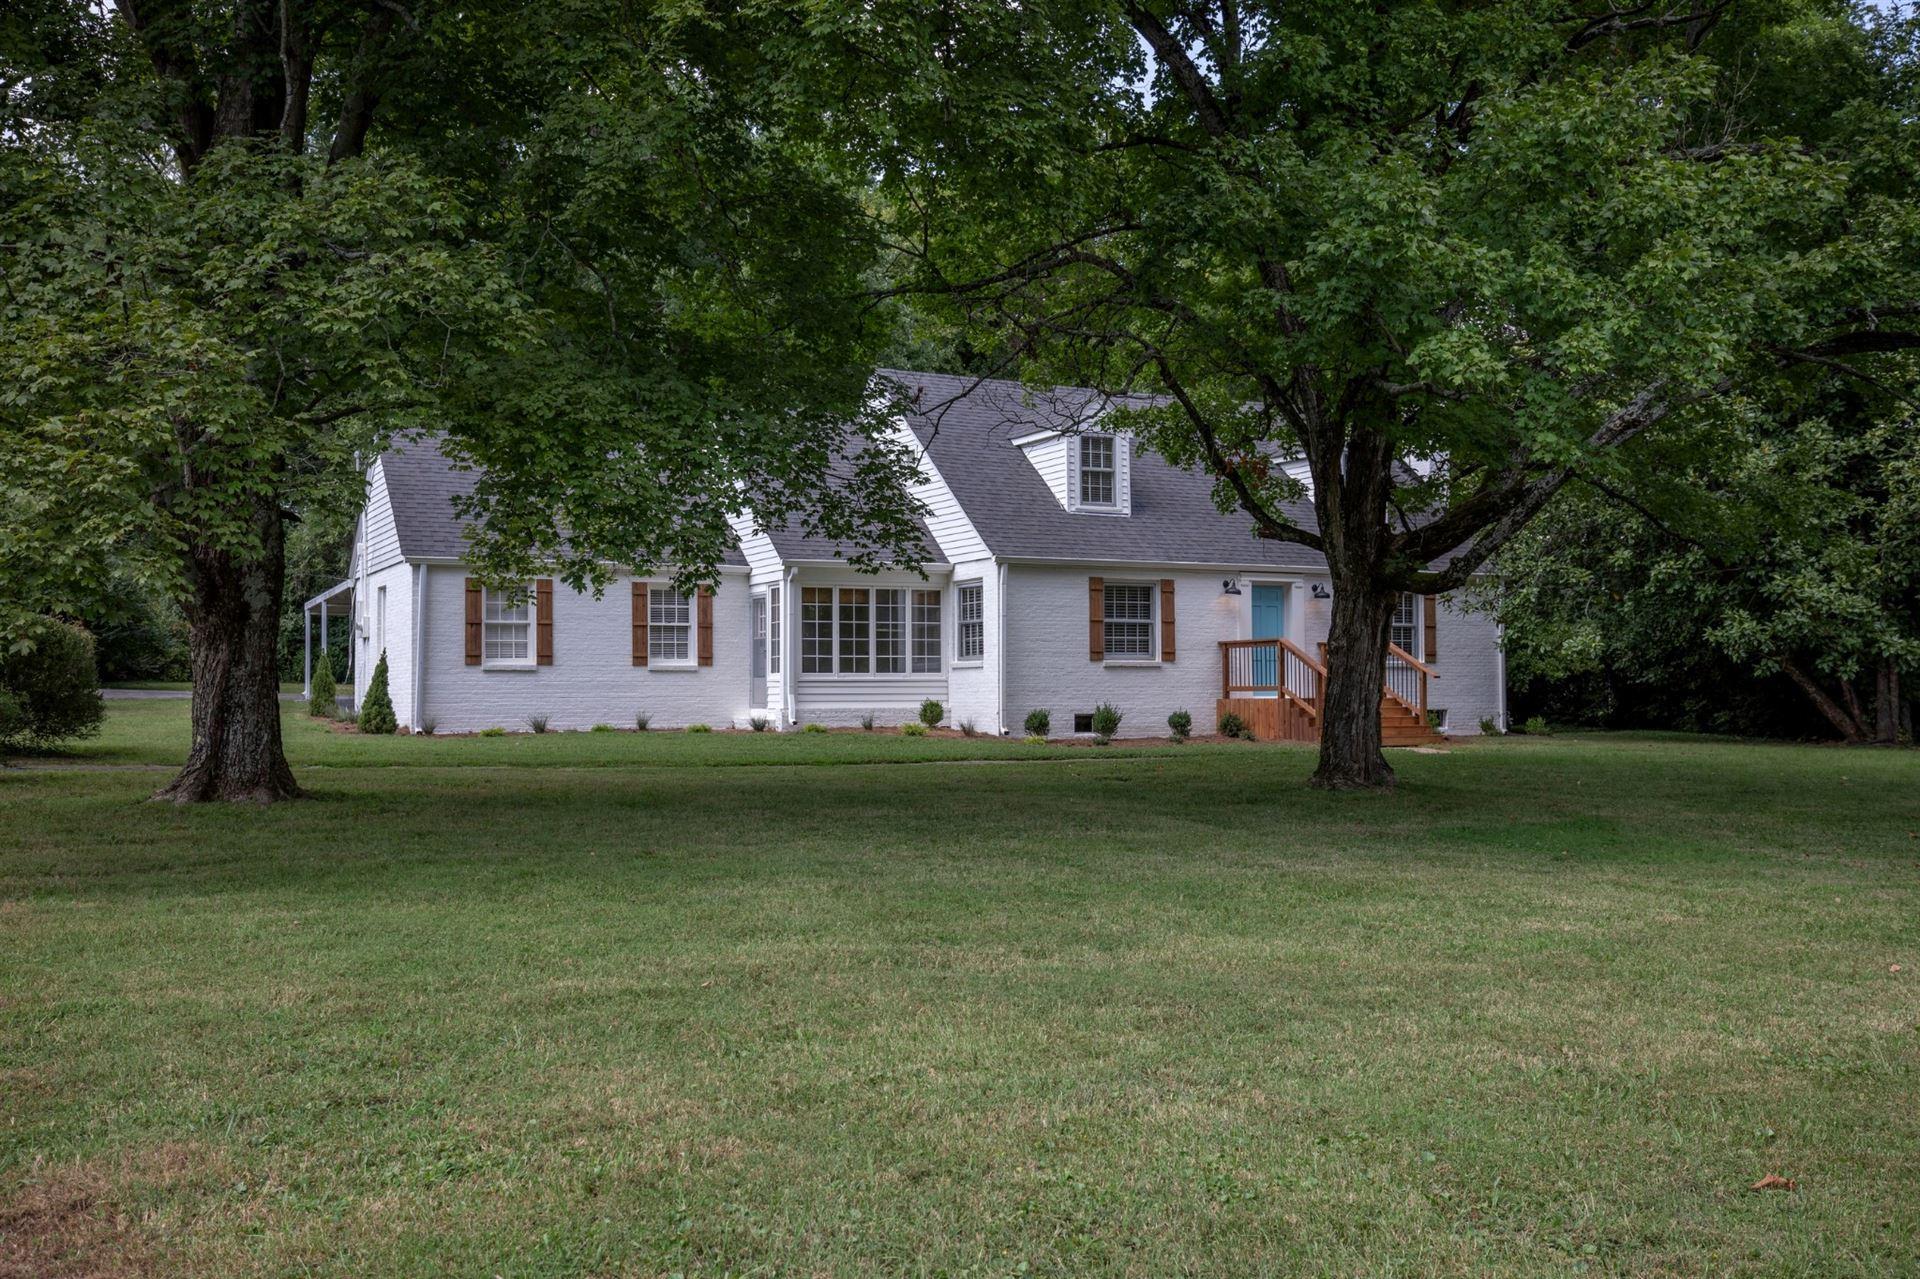 257 Old Shackle Island Rd, Hendersonville, TN 37075 - MLS#: 2188760